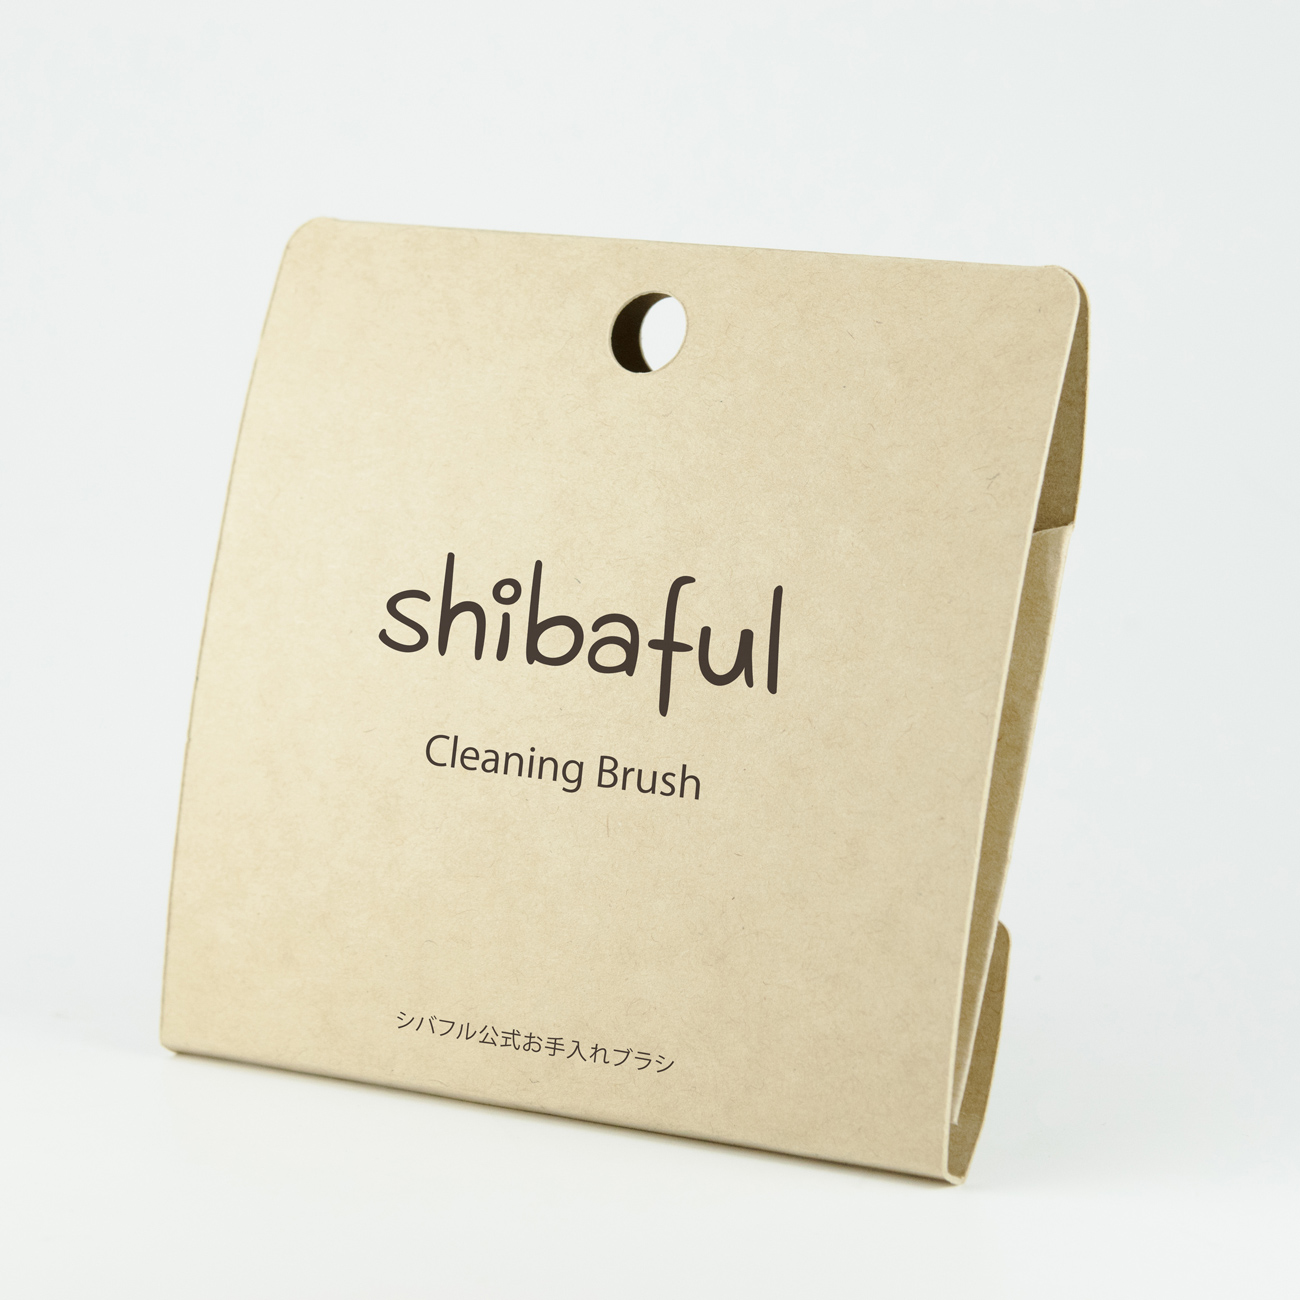 Shibaful公式お手入れブラシ「Shibaful Cleaning Brush」